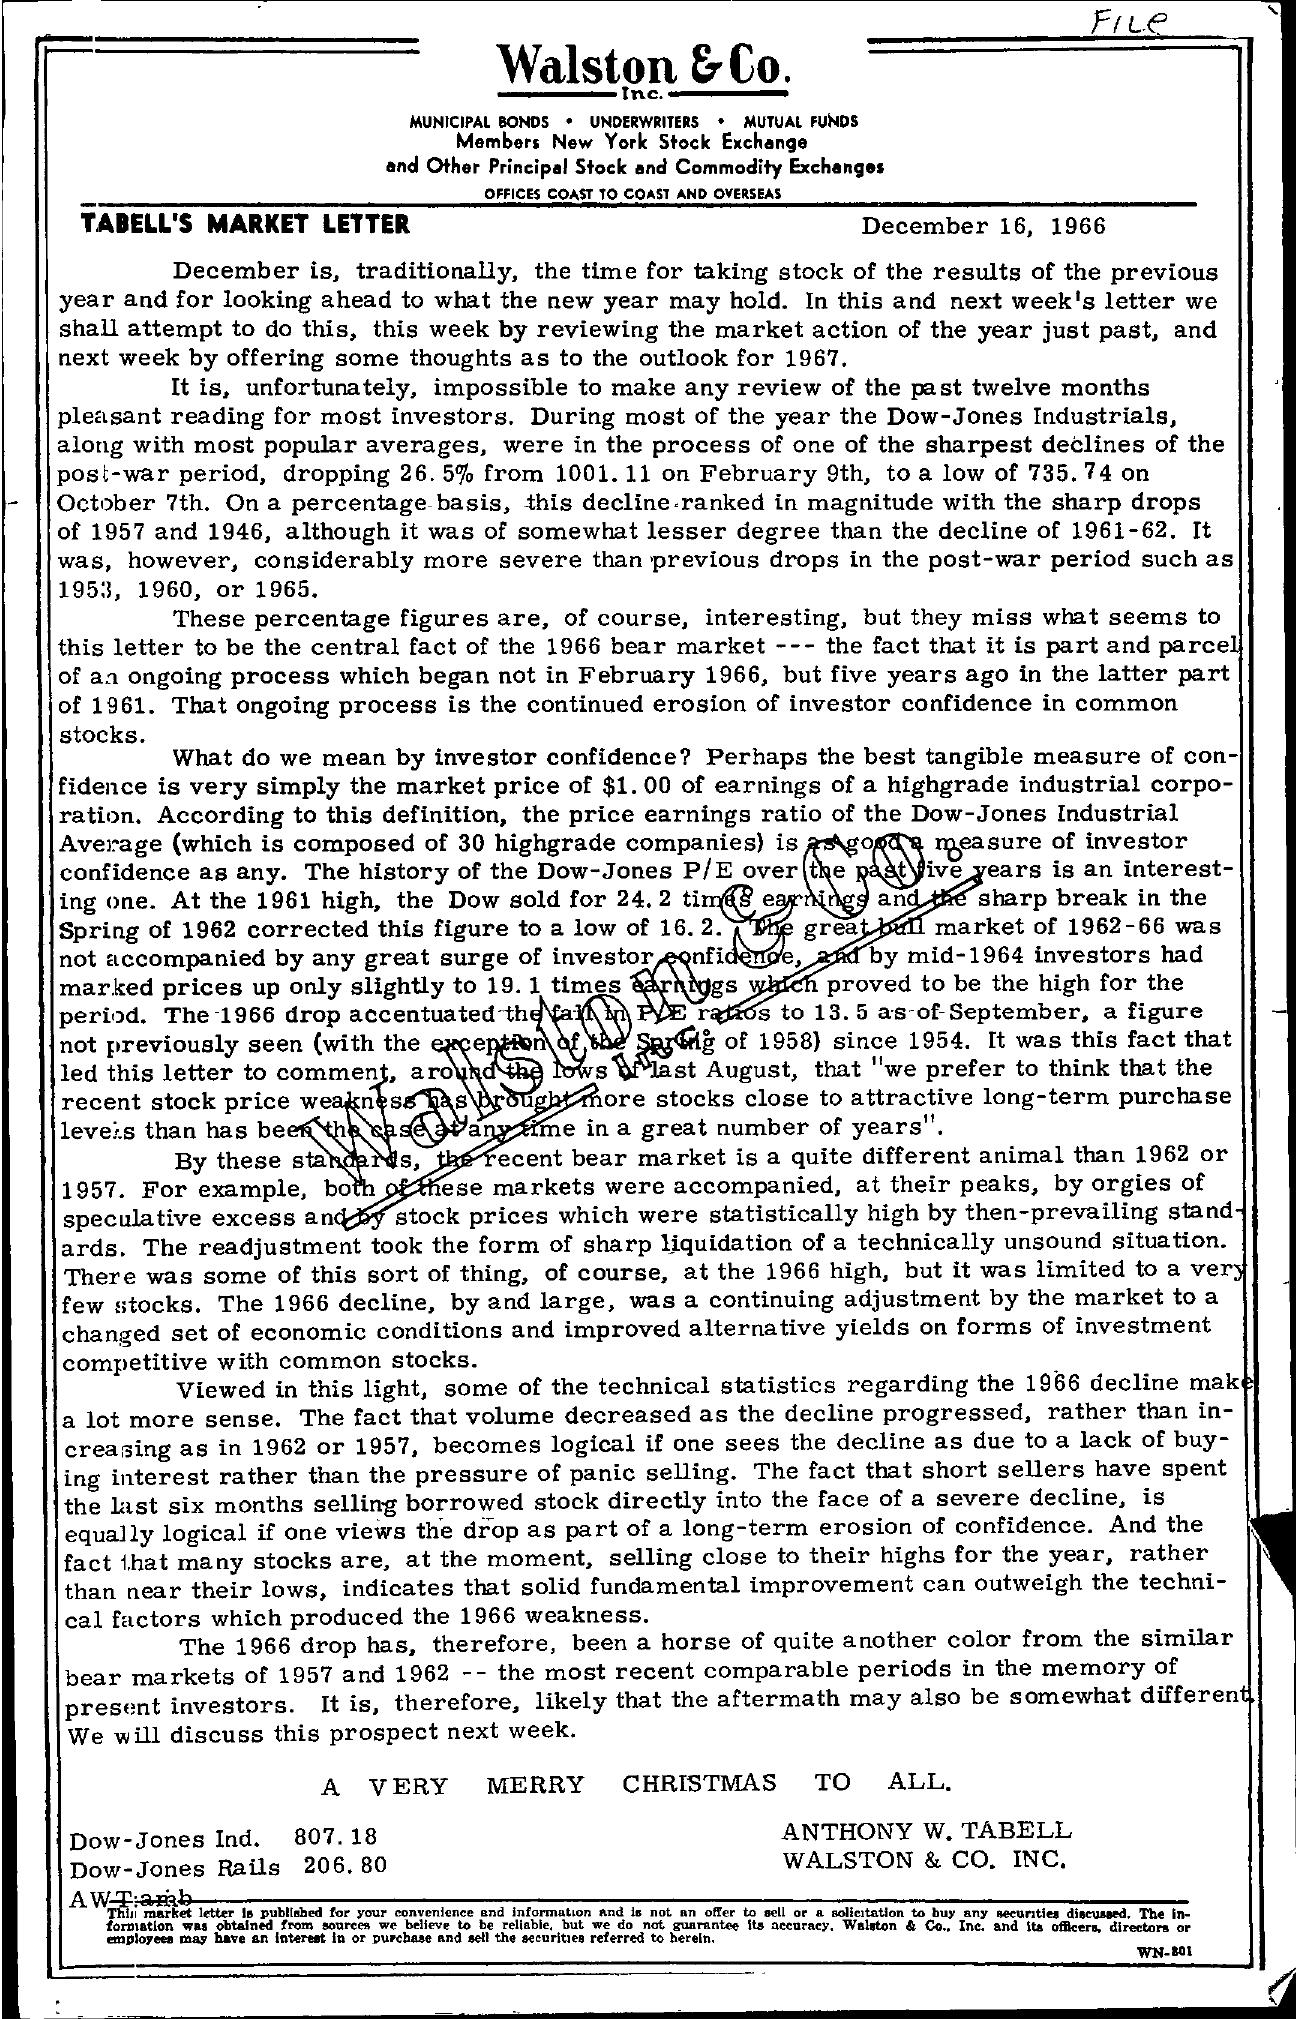 Tabell's Market Letter - December 16, 1966